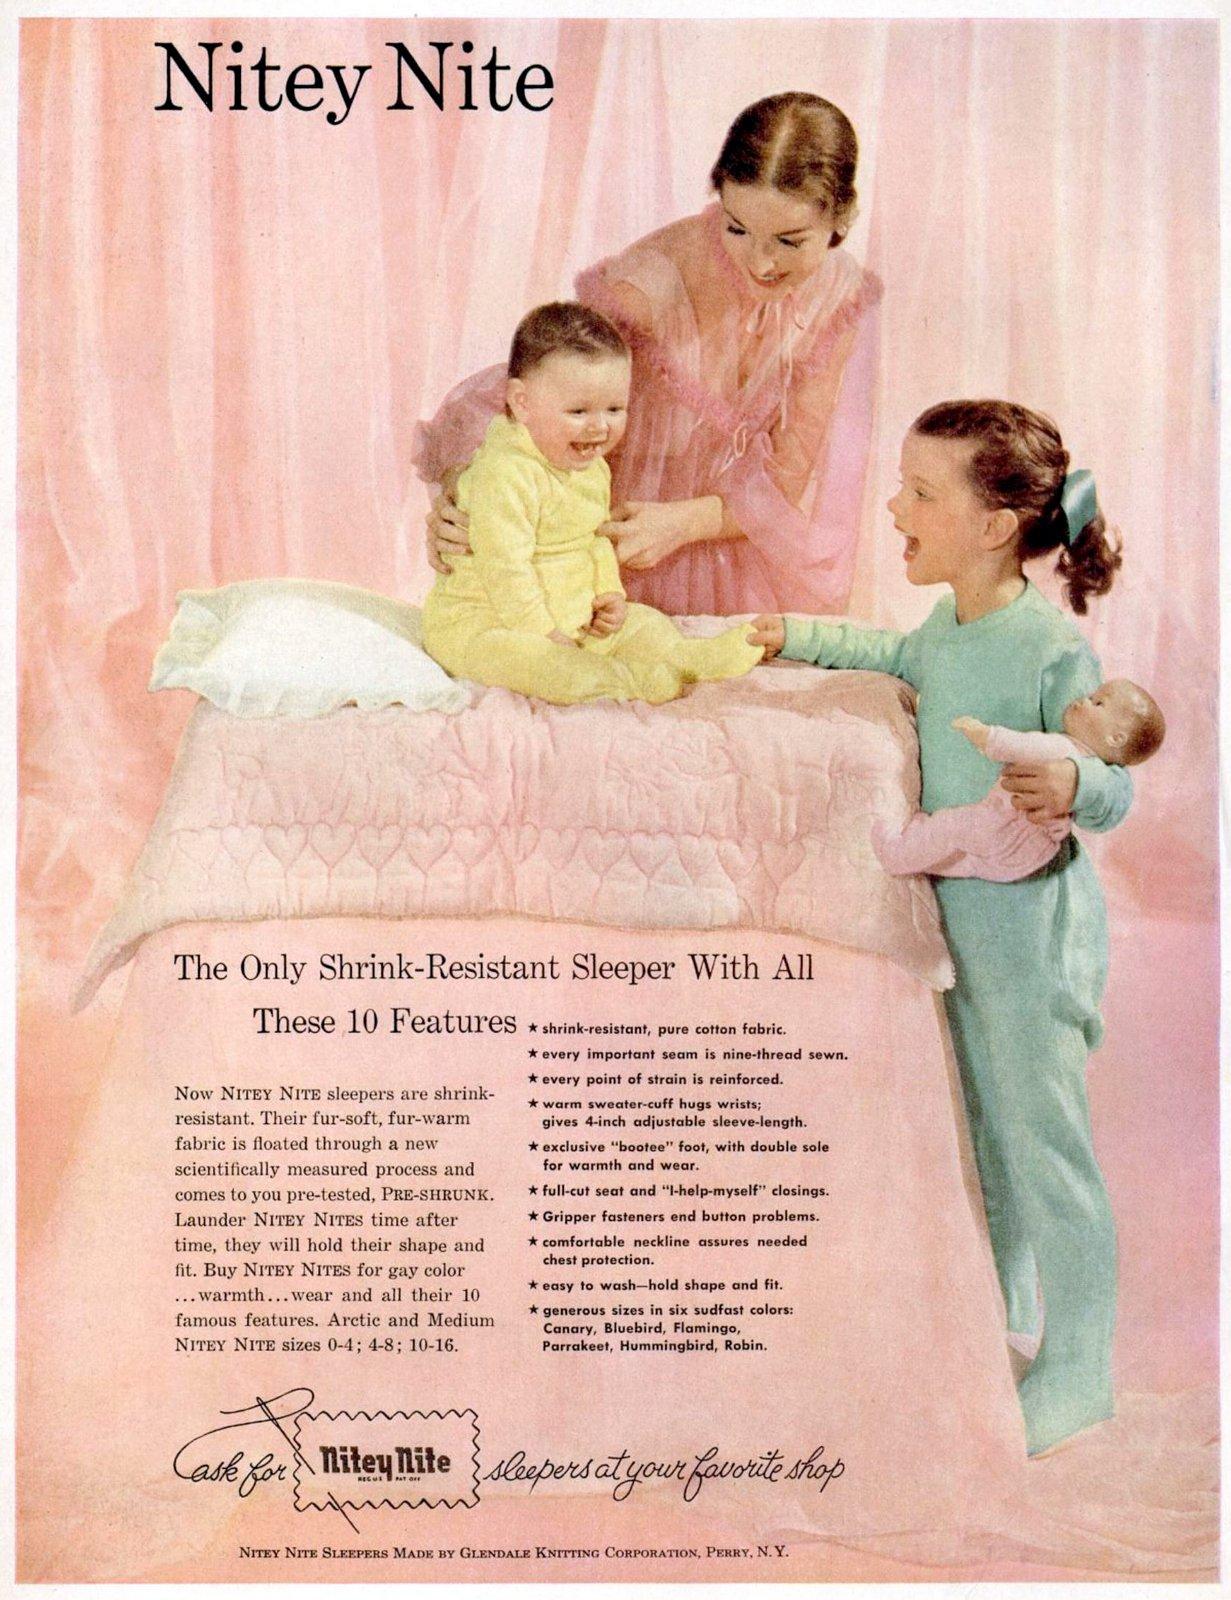 Vintage Nitey Nite sleepers - Pajamas for kids (1951)